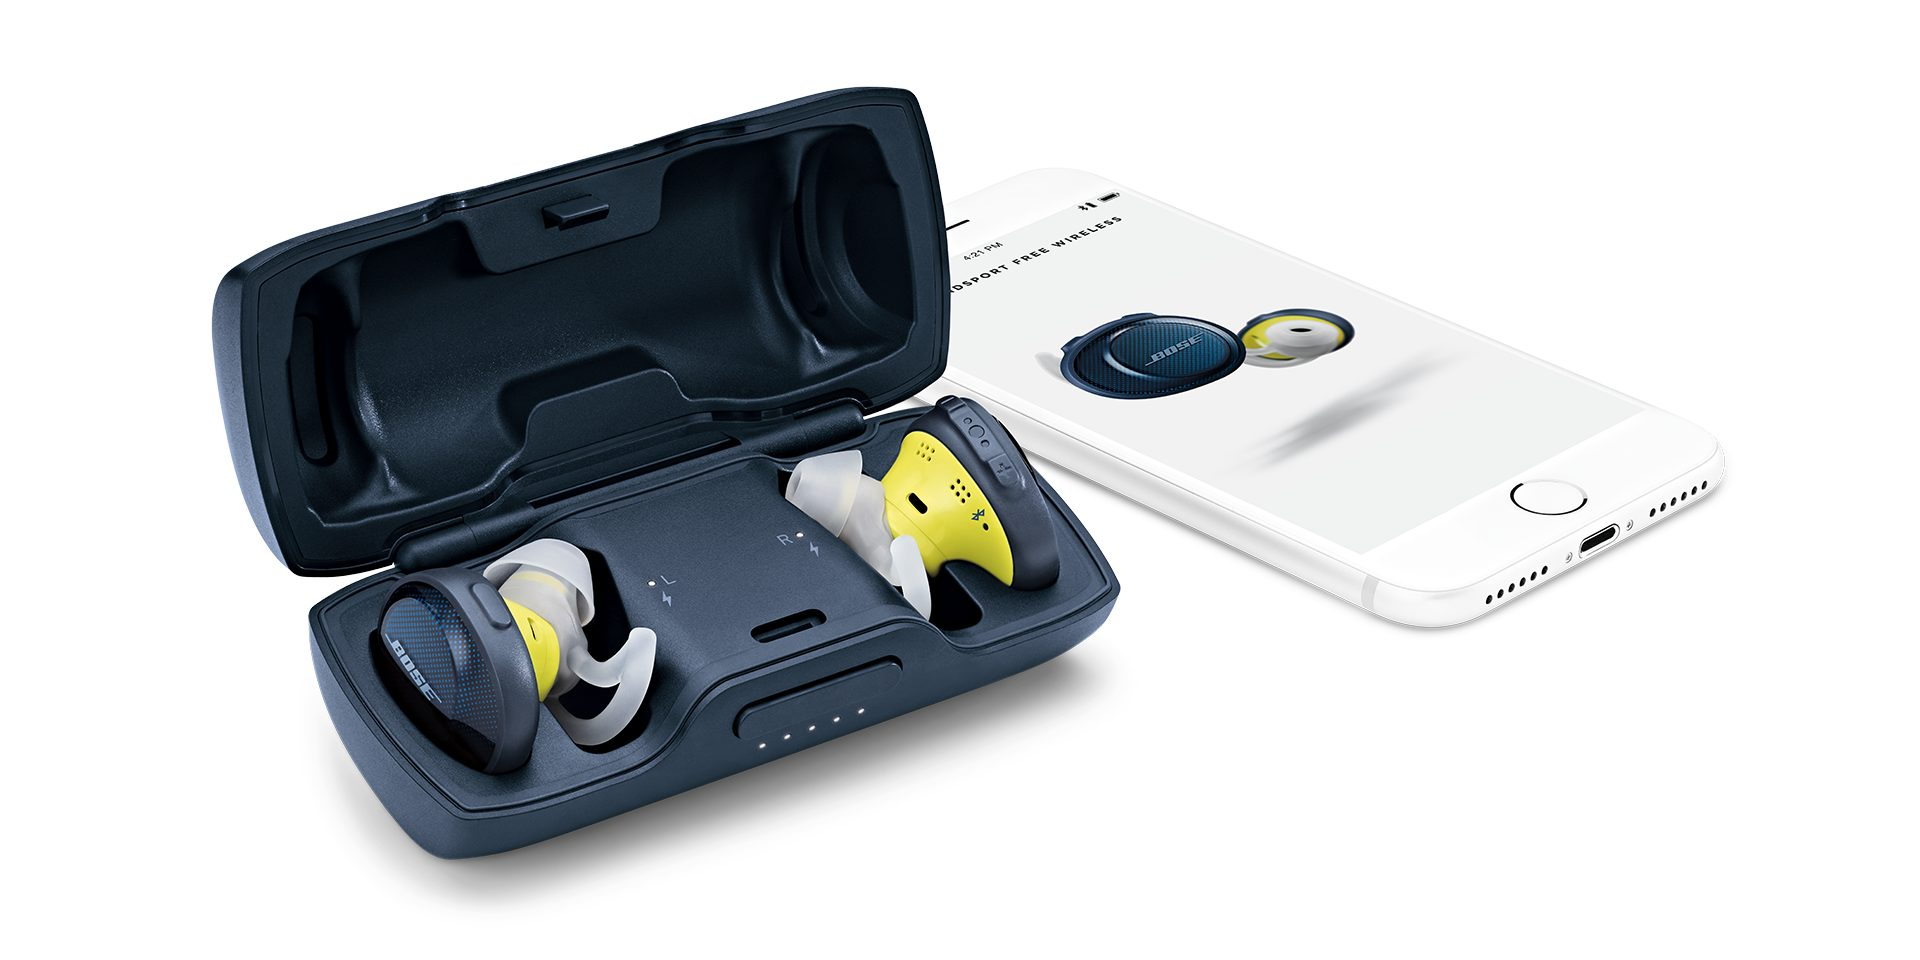 Tai nghe Bluetooth Bose Soundsport Free(Cam/Xanh)tai nghe in-ear đích thực